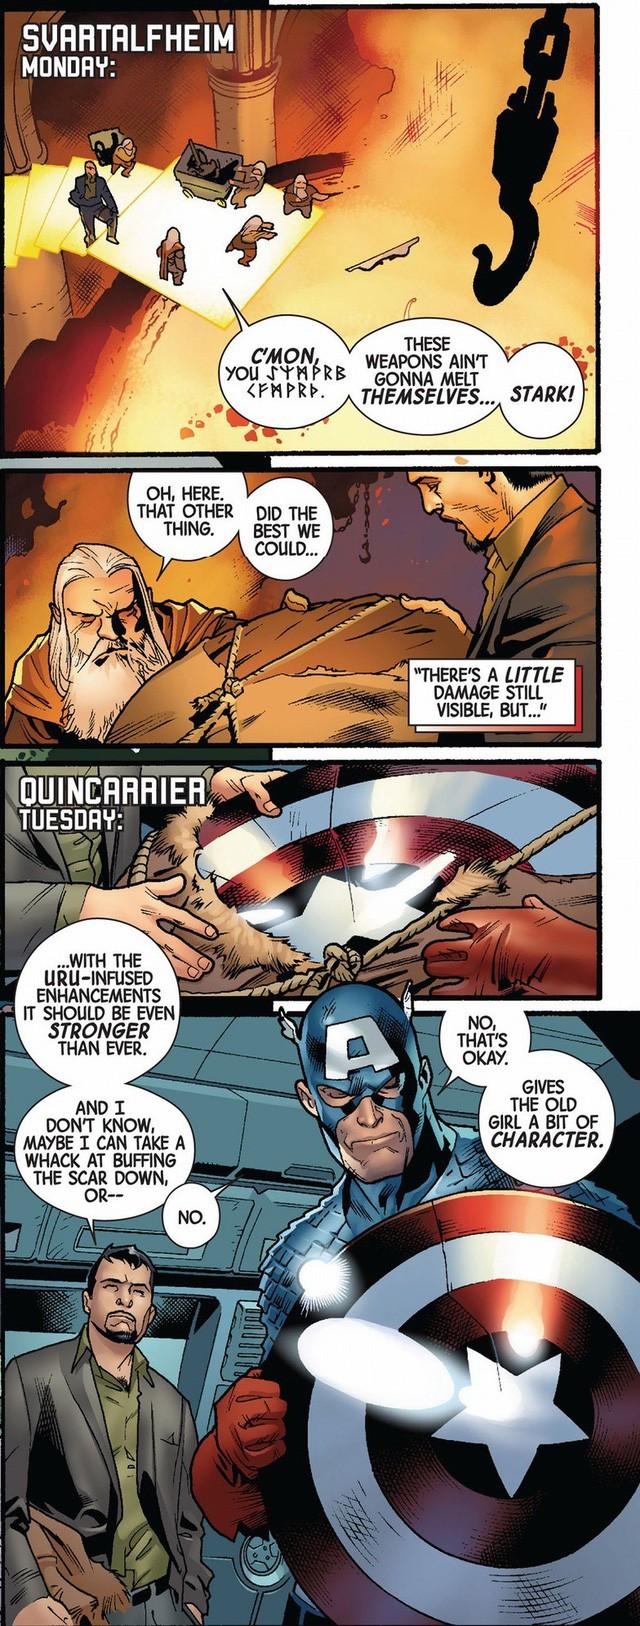 10 chiếc khiên danh bất hư truyền đã đồng hành cùng các phiên bản Captain America trong lịch sử truyện tranh - Ảnh 3.